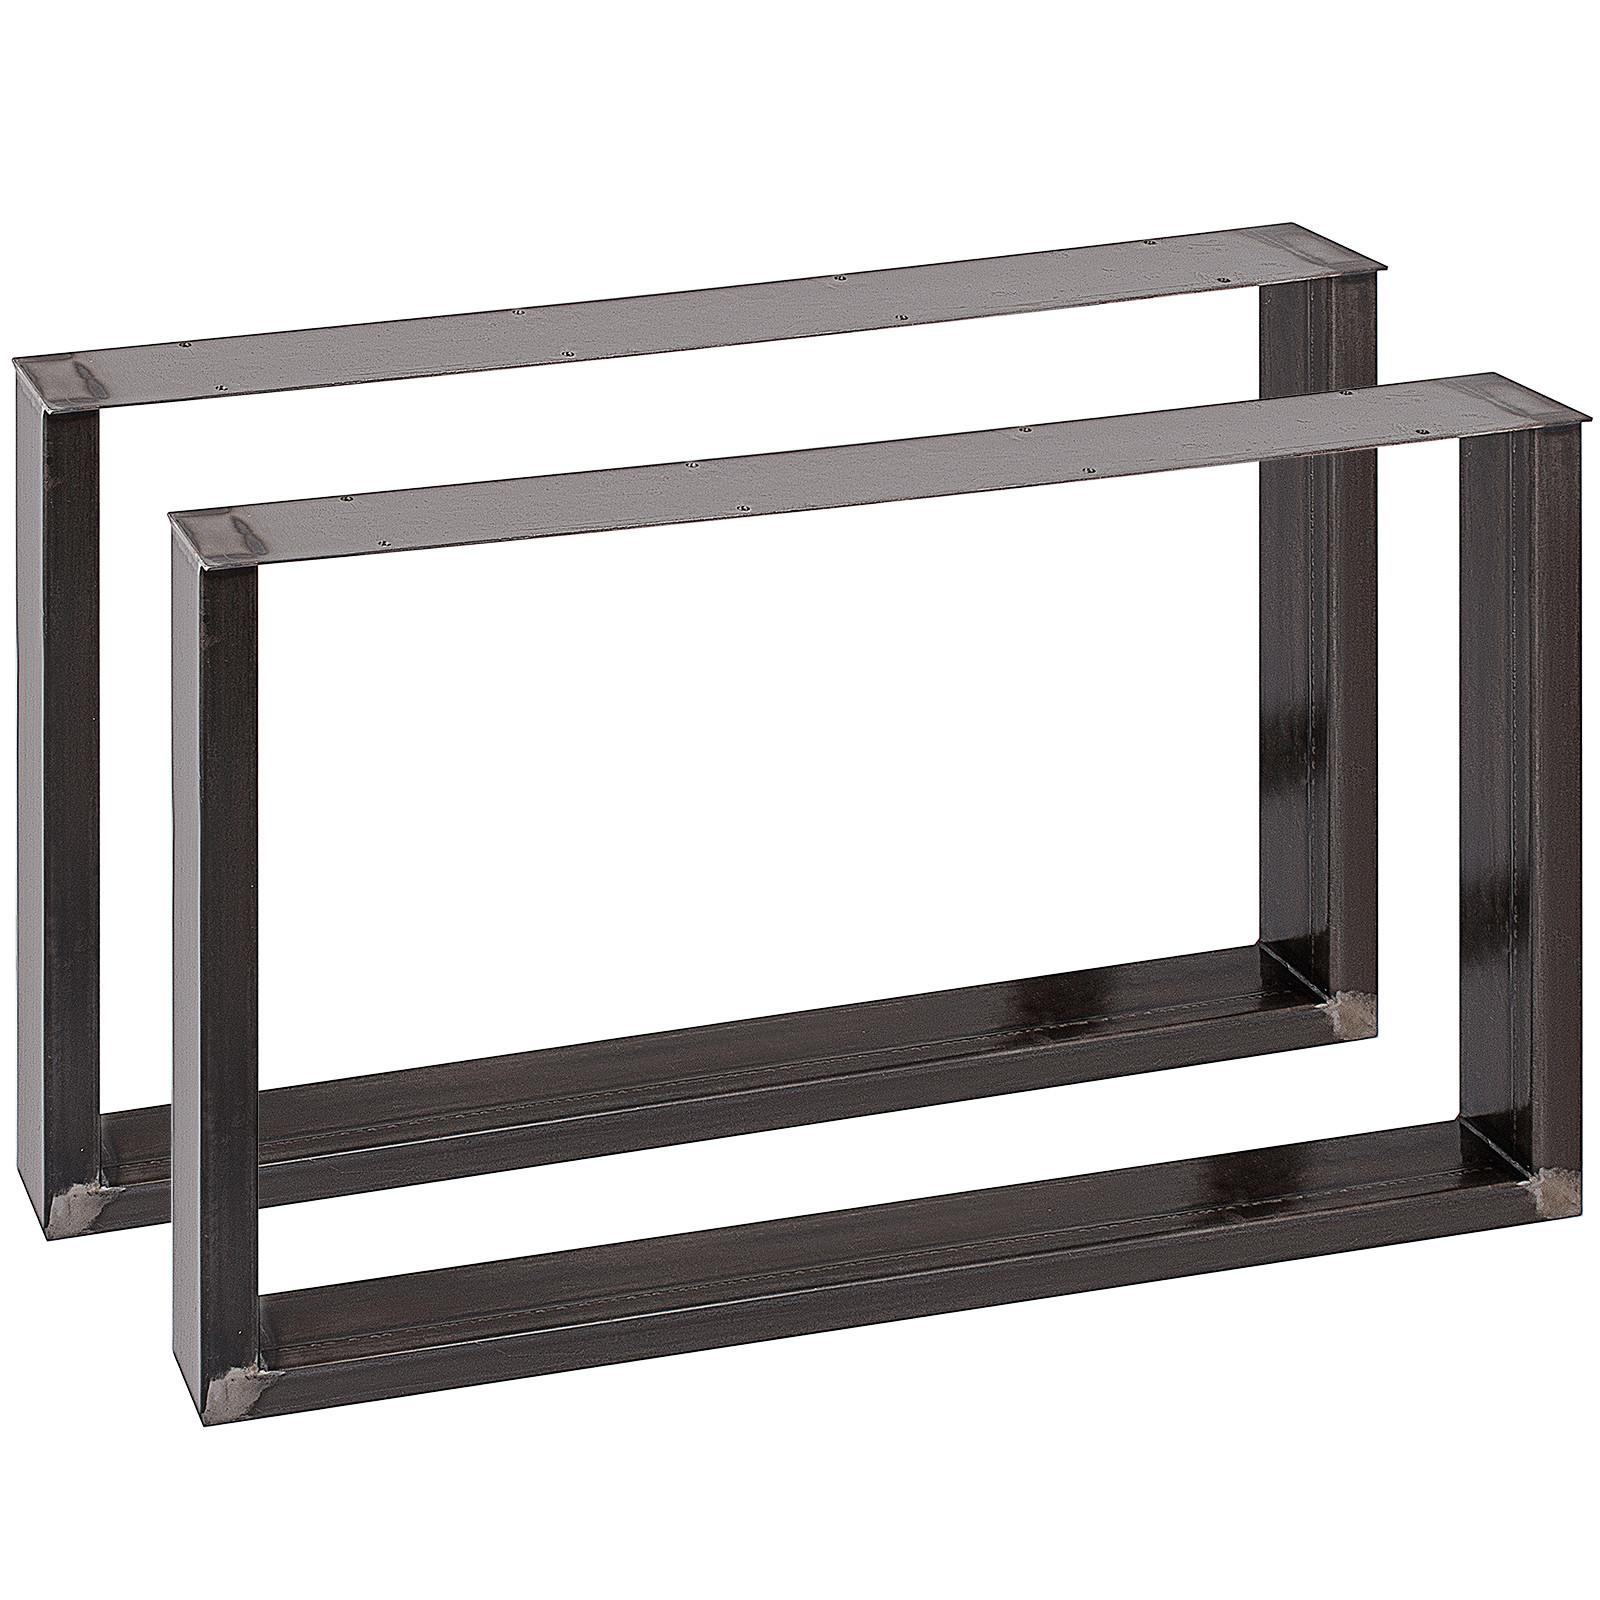 2x-Gambe-per-tavolo-piedi-tavolo-72X-100-CM-Salotto-Cucina-stile-industriale miniatura 4